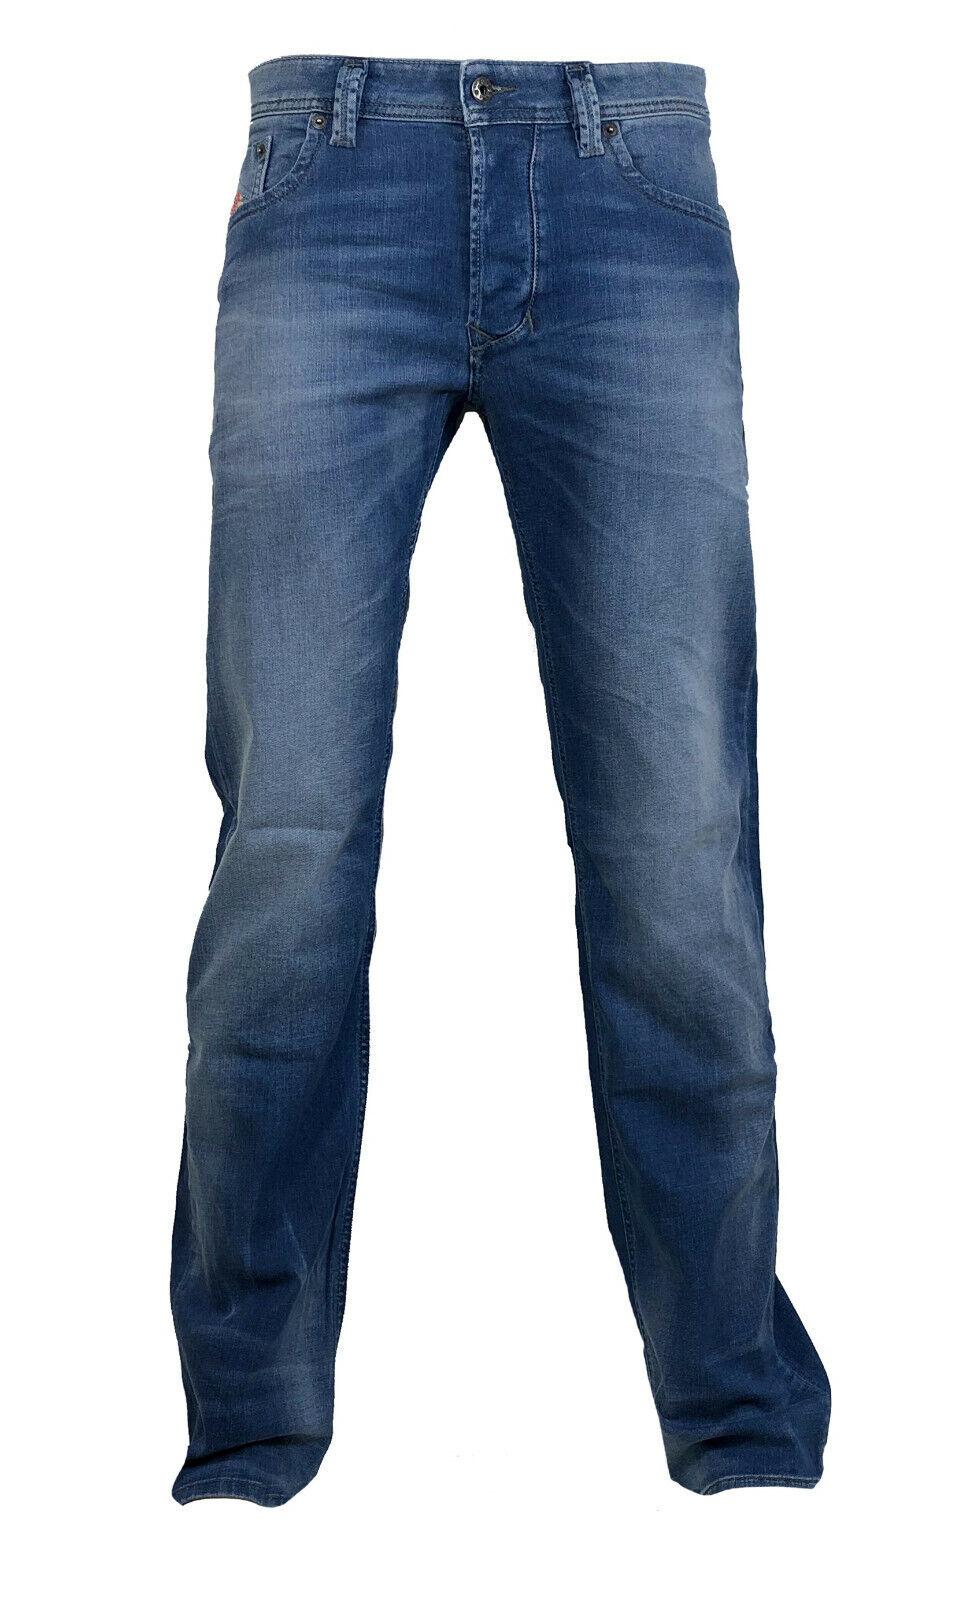 Diesel  Straight  Stretch Jeans LARKEE R18T8 blau verwaschen  Gr. 31 32 NEU